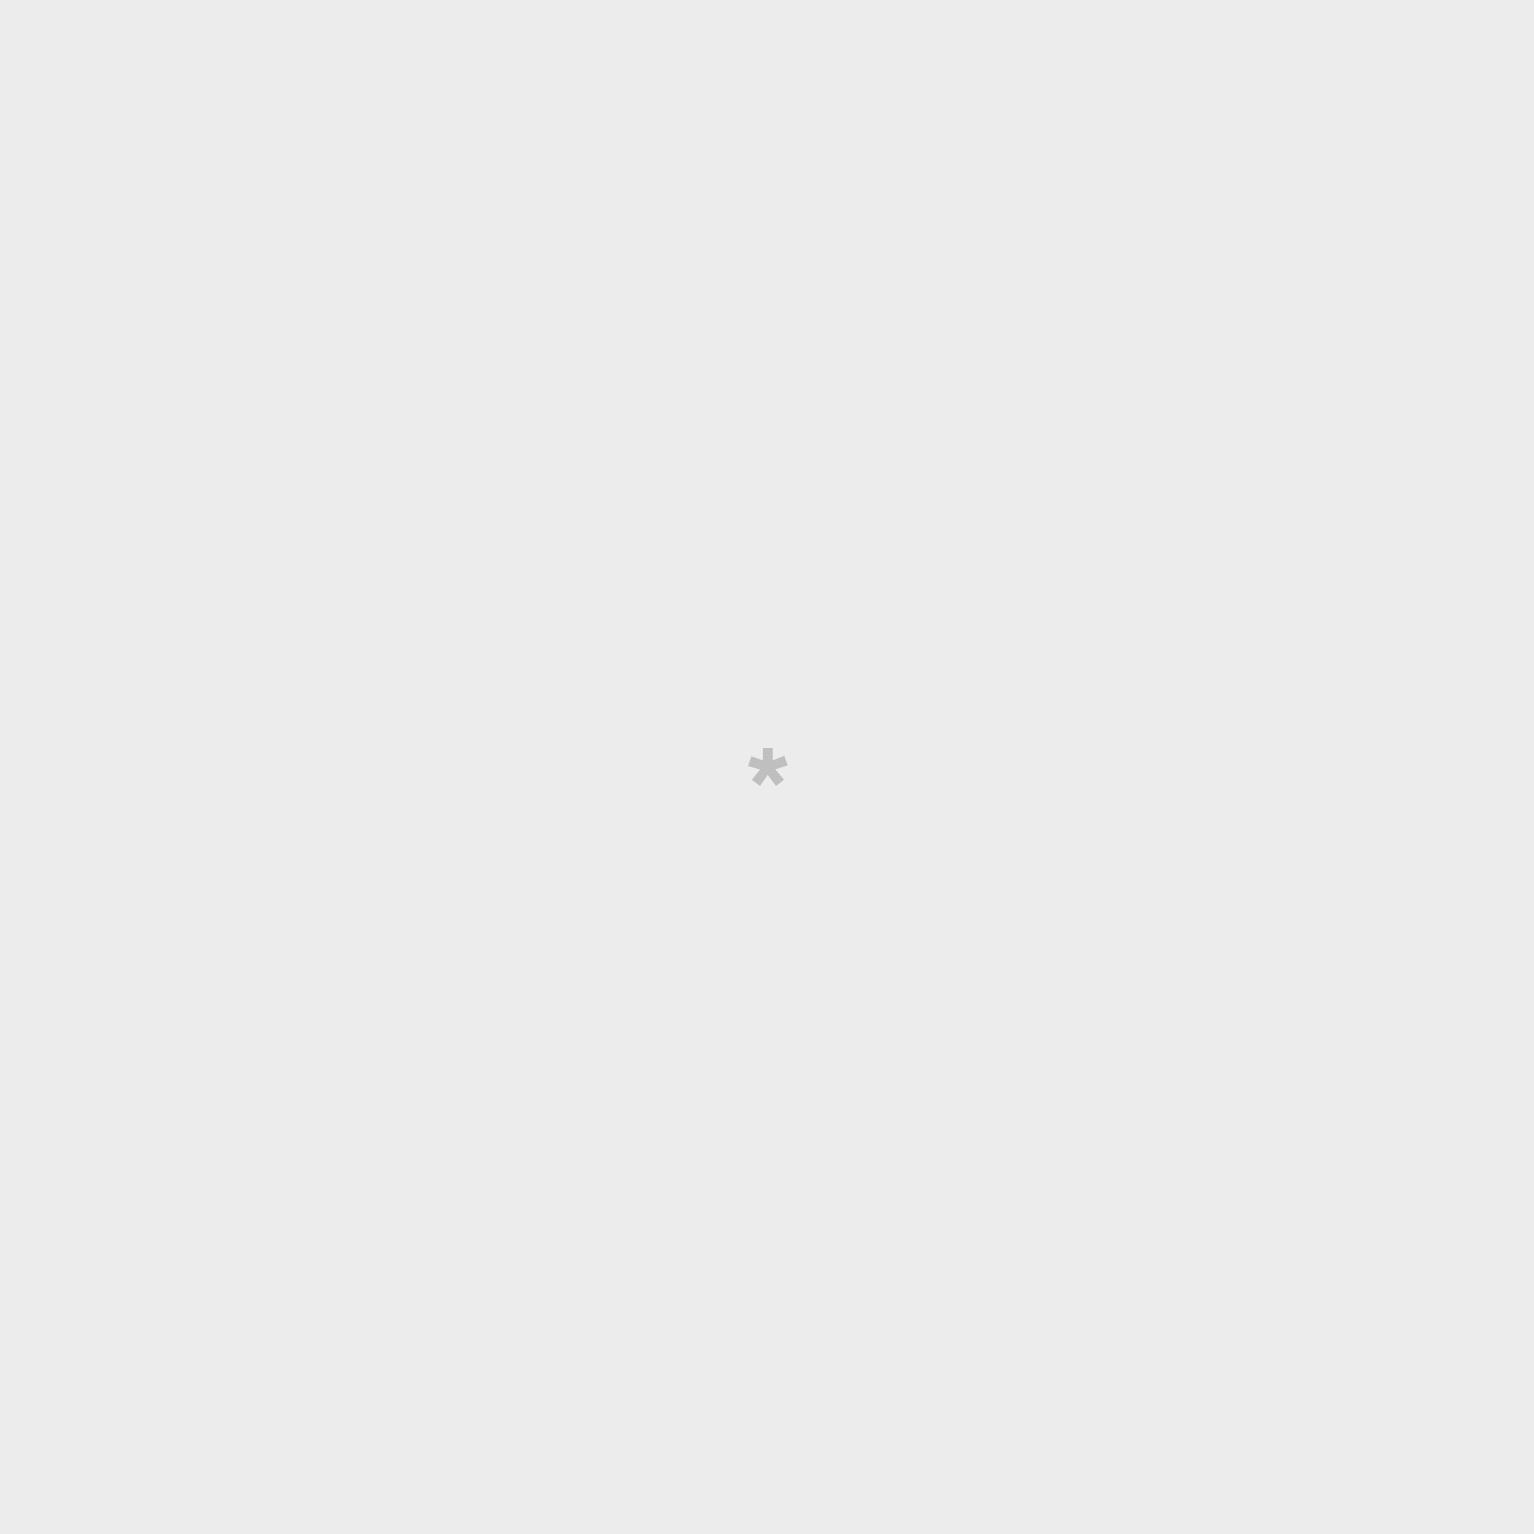 Paraguas pequeño de viaje - Today is my day (in the rain)